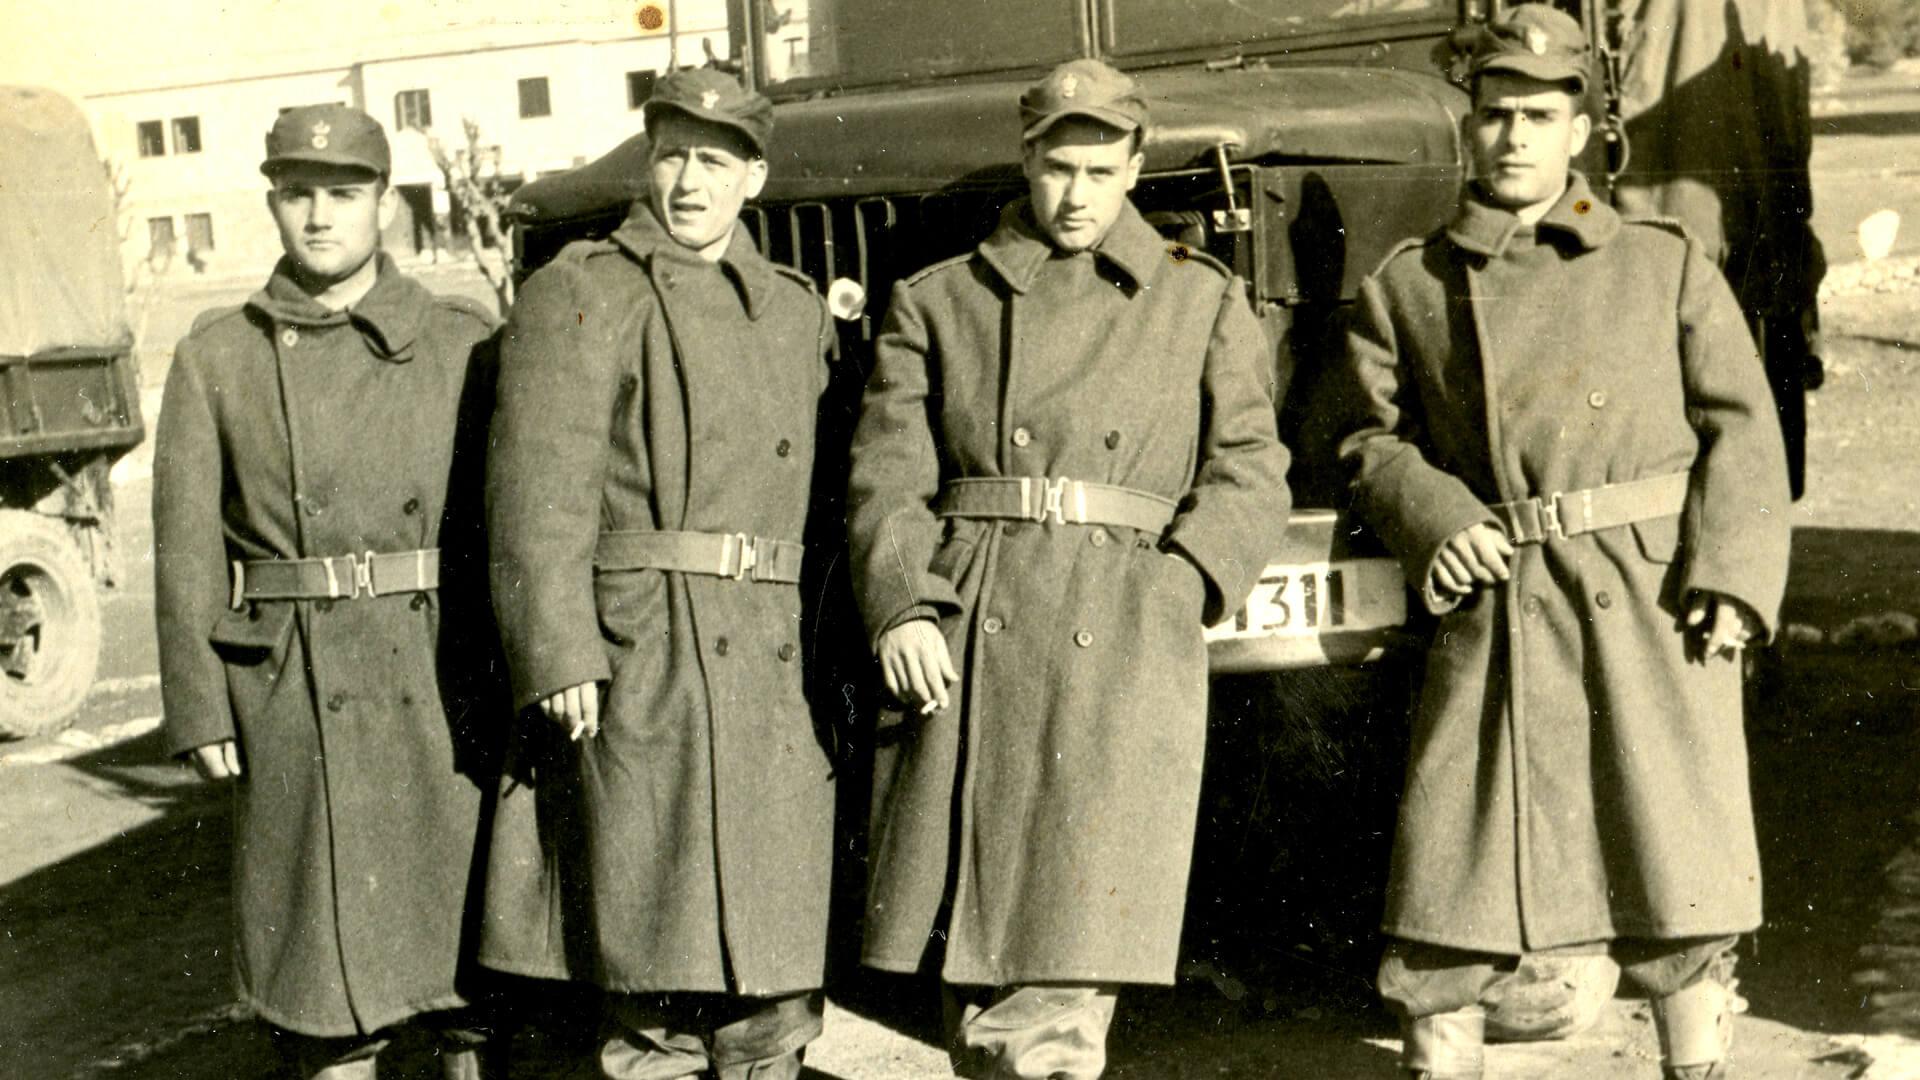 Το έθιμο του Στρατού, Λαογραφικό Μουσείο Περαχώρας